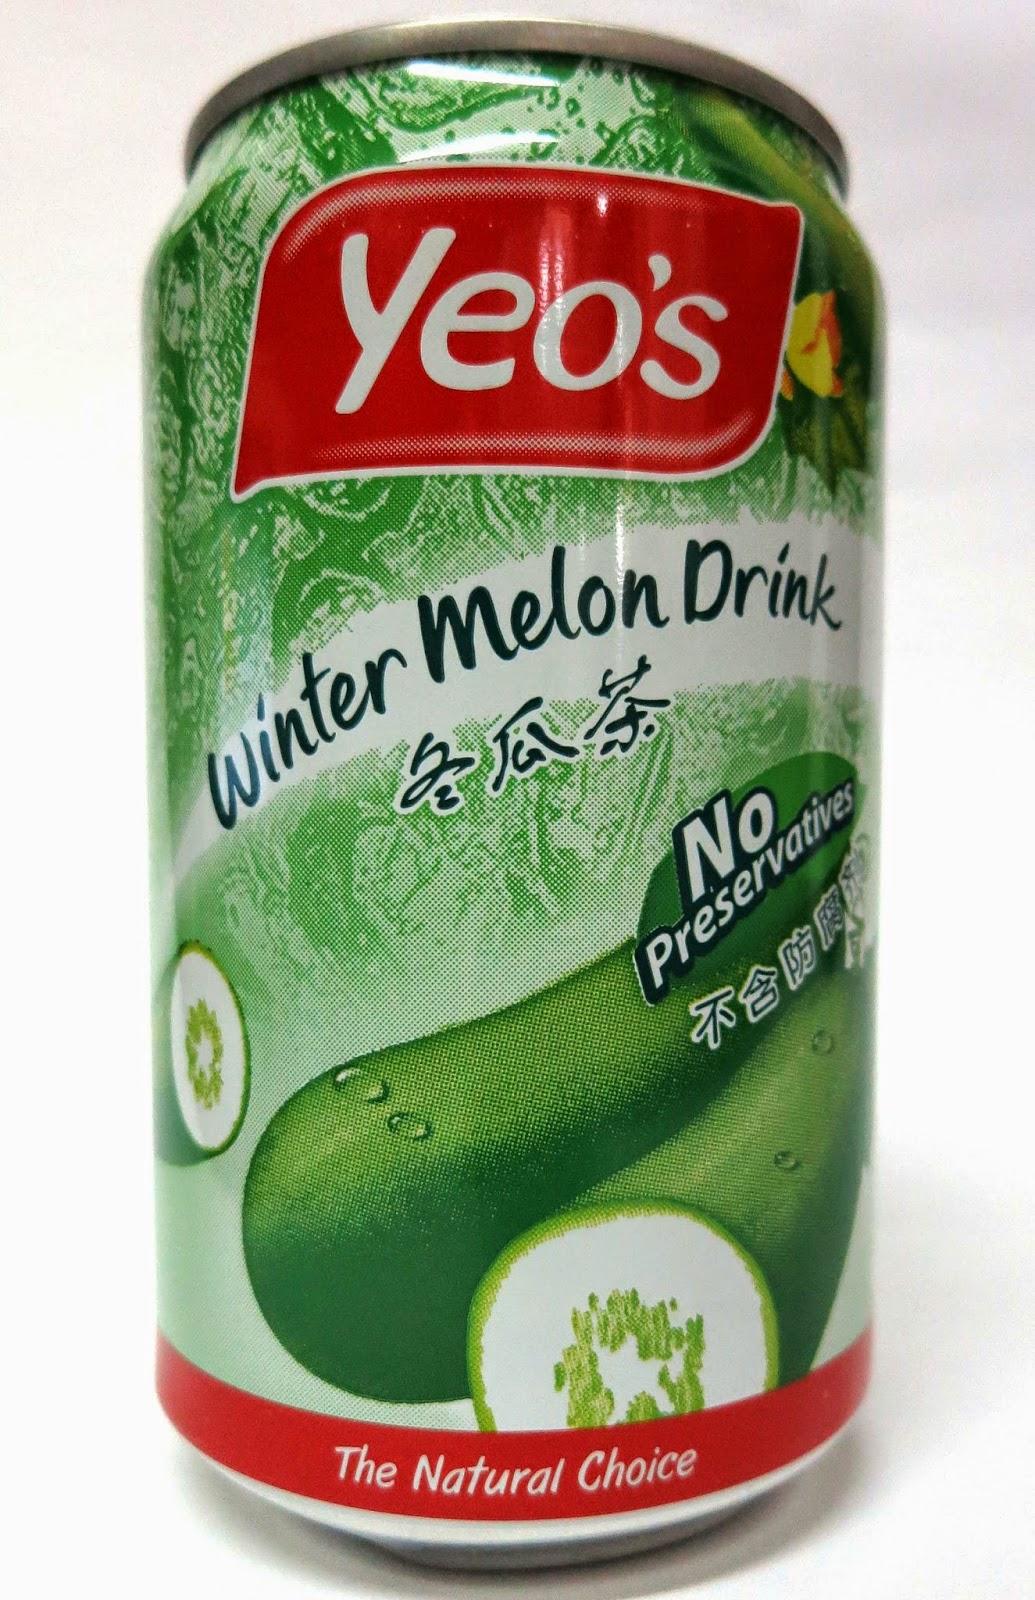 想 yummy. 就係咁 easy: 【手信推介篇】馬來西亞 Yeo's 冬瓜茶